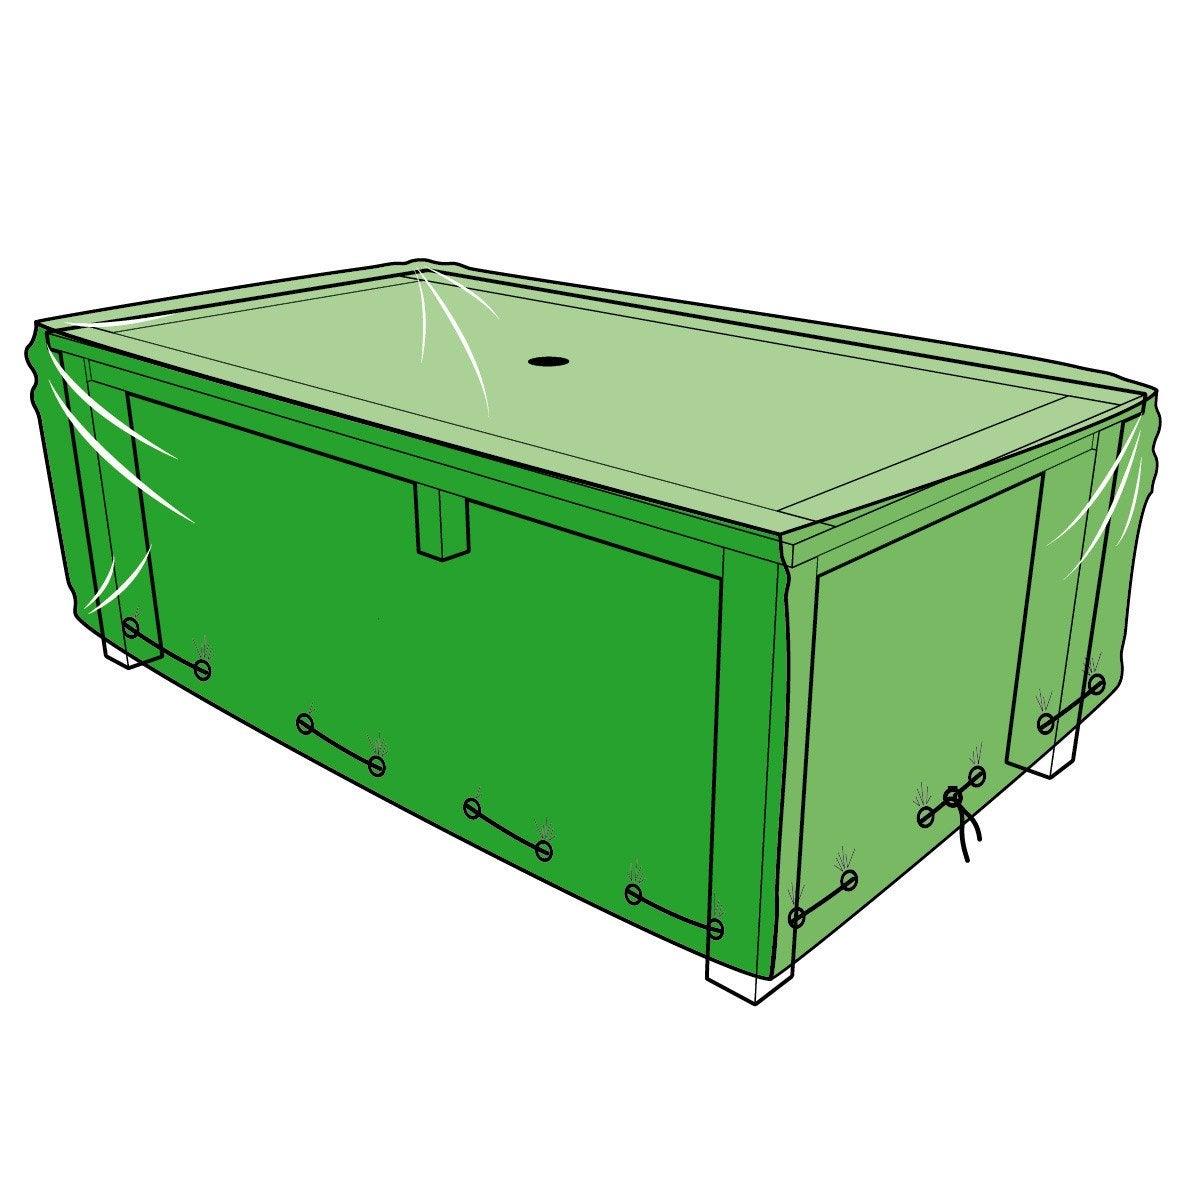 housse de protection pour table x x cm leroy merlin. Black Bedroom Furniture Sets. Home Design Ideas